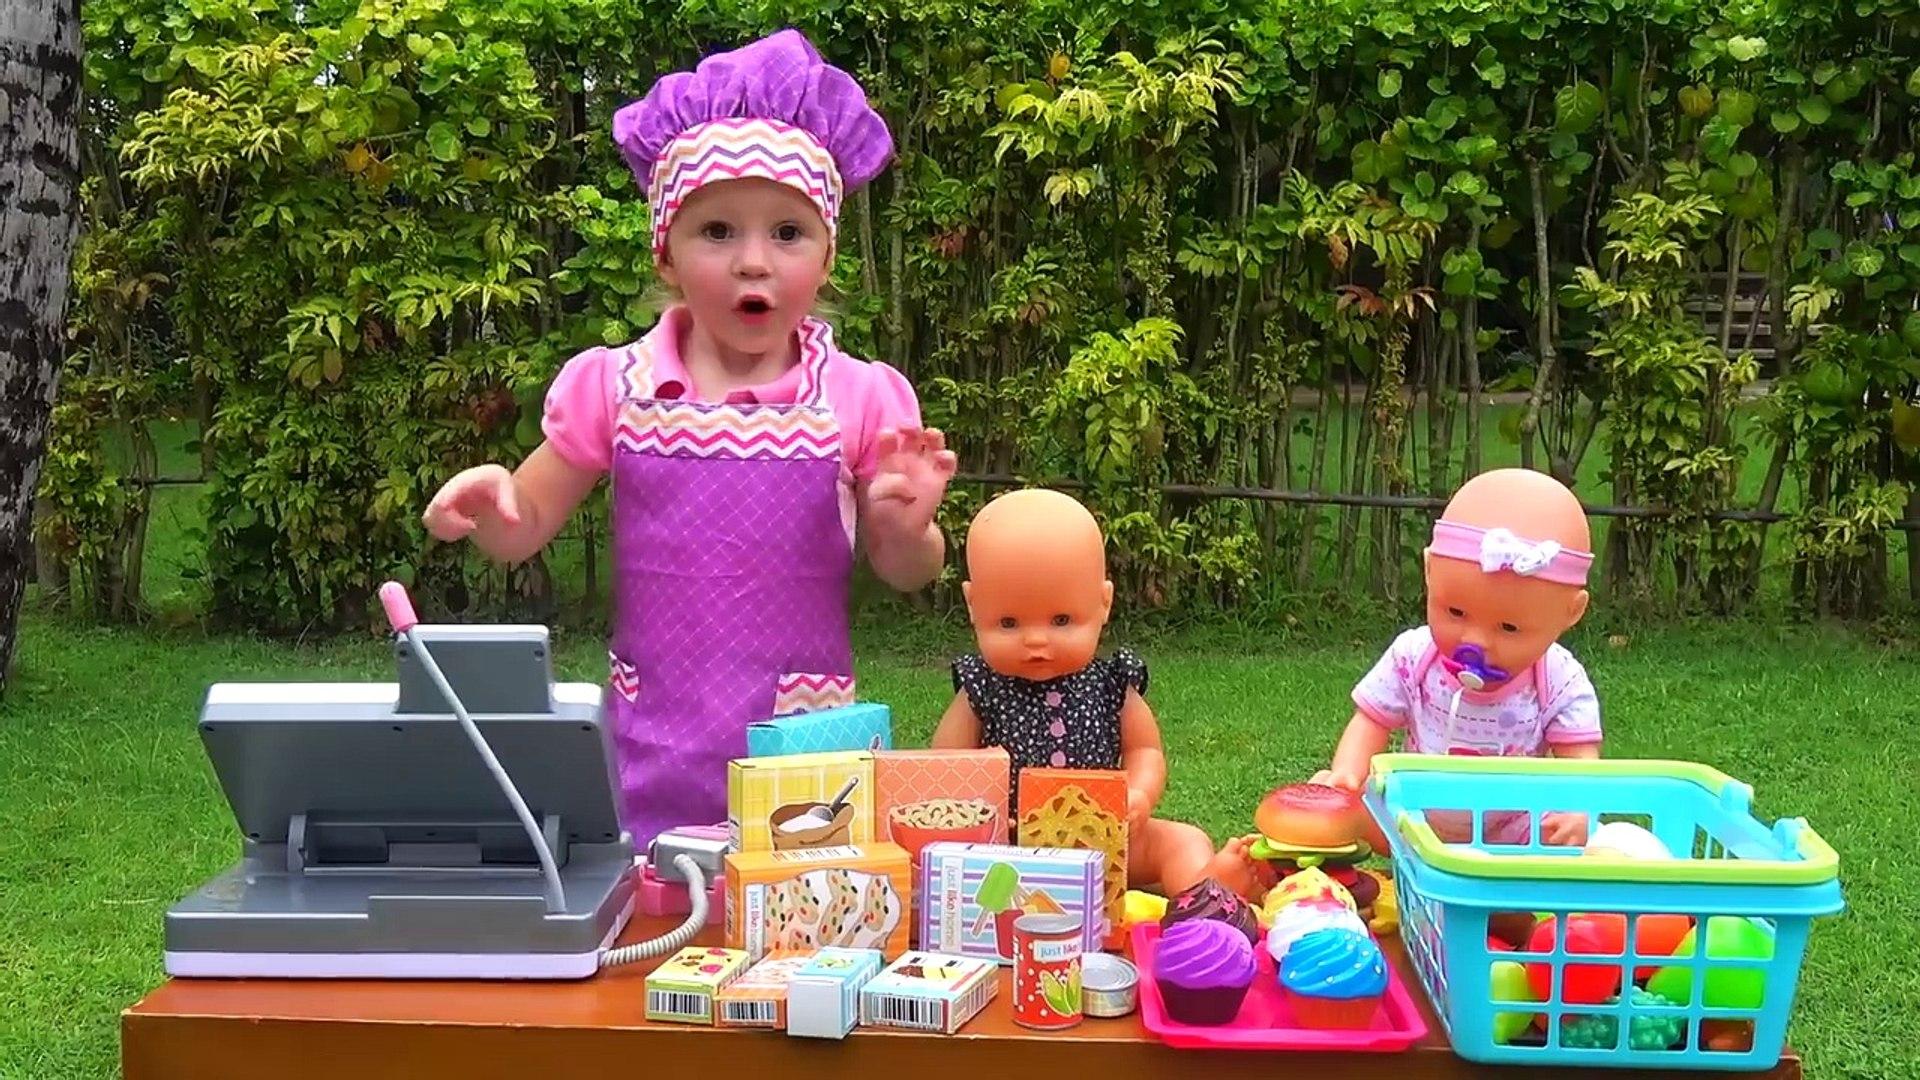 Кукла Беби Бон в супермаркете Настя КАК МАМА покупает новые игрушки и продукты для Baby Bo